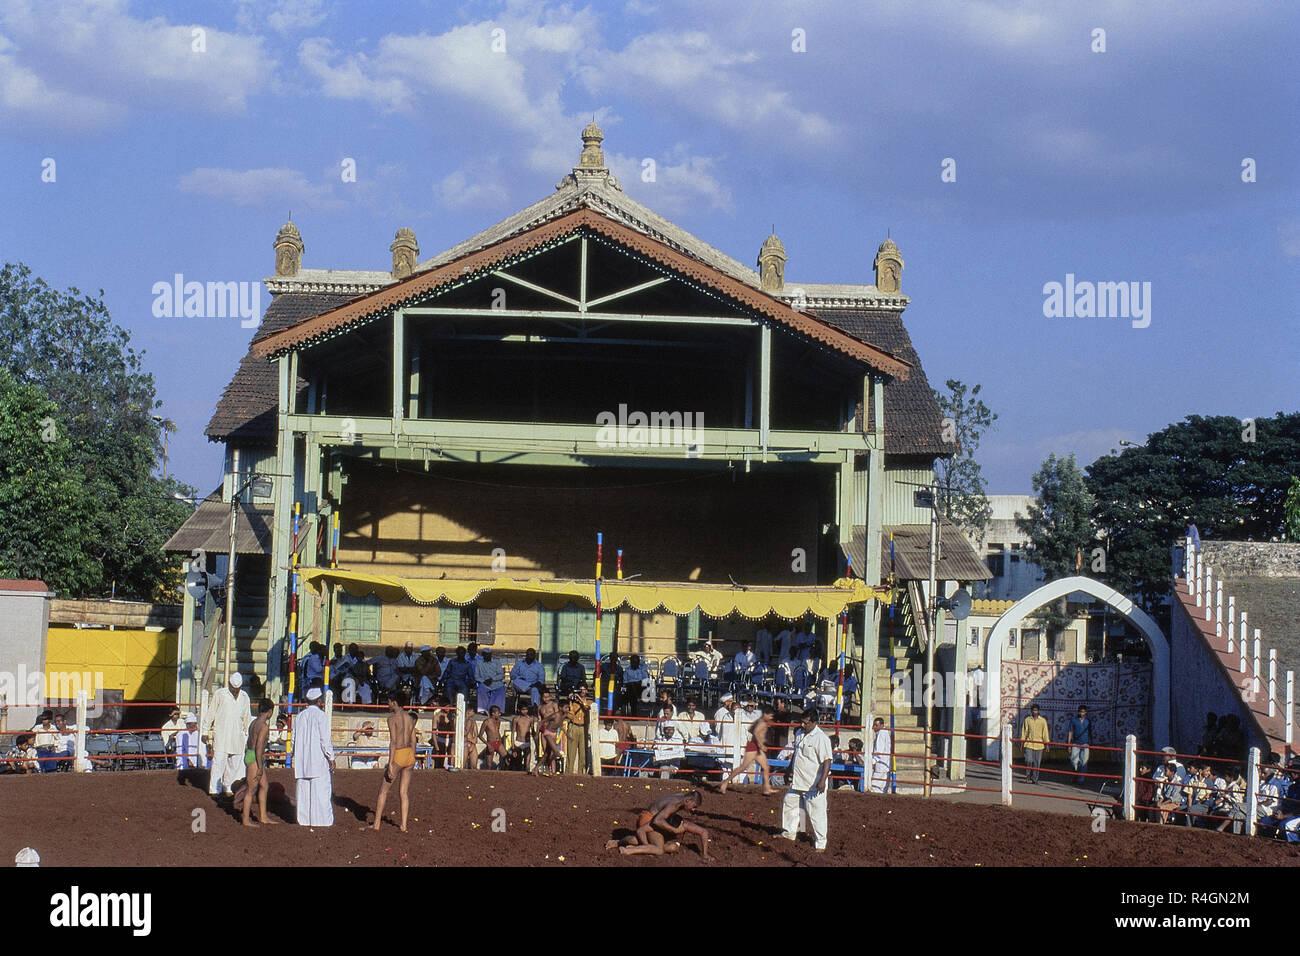 Shahu Khasbag wrestling arena, Palace Theatre, Mumbai, Maharashtra, Inde, Asie Photo Stock